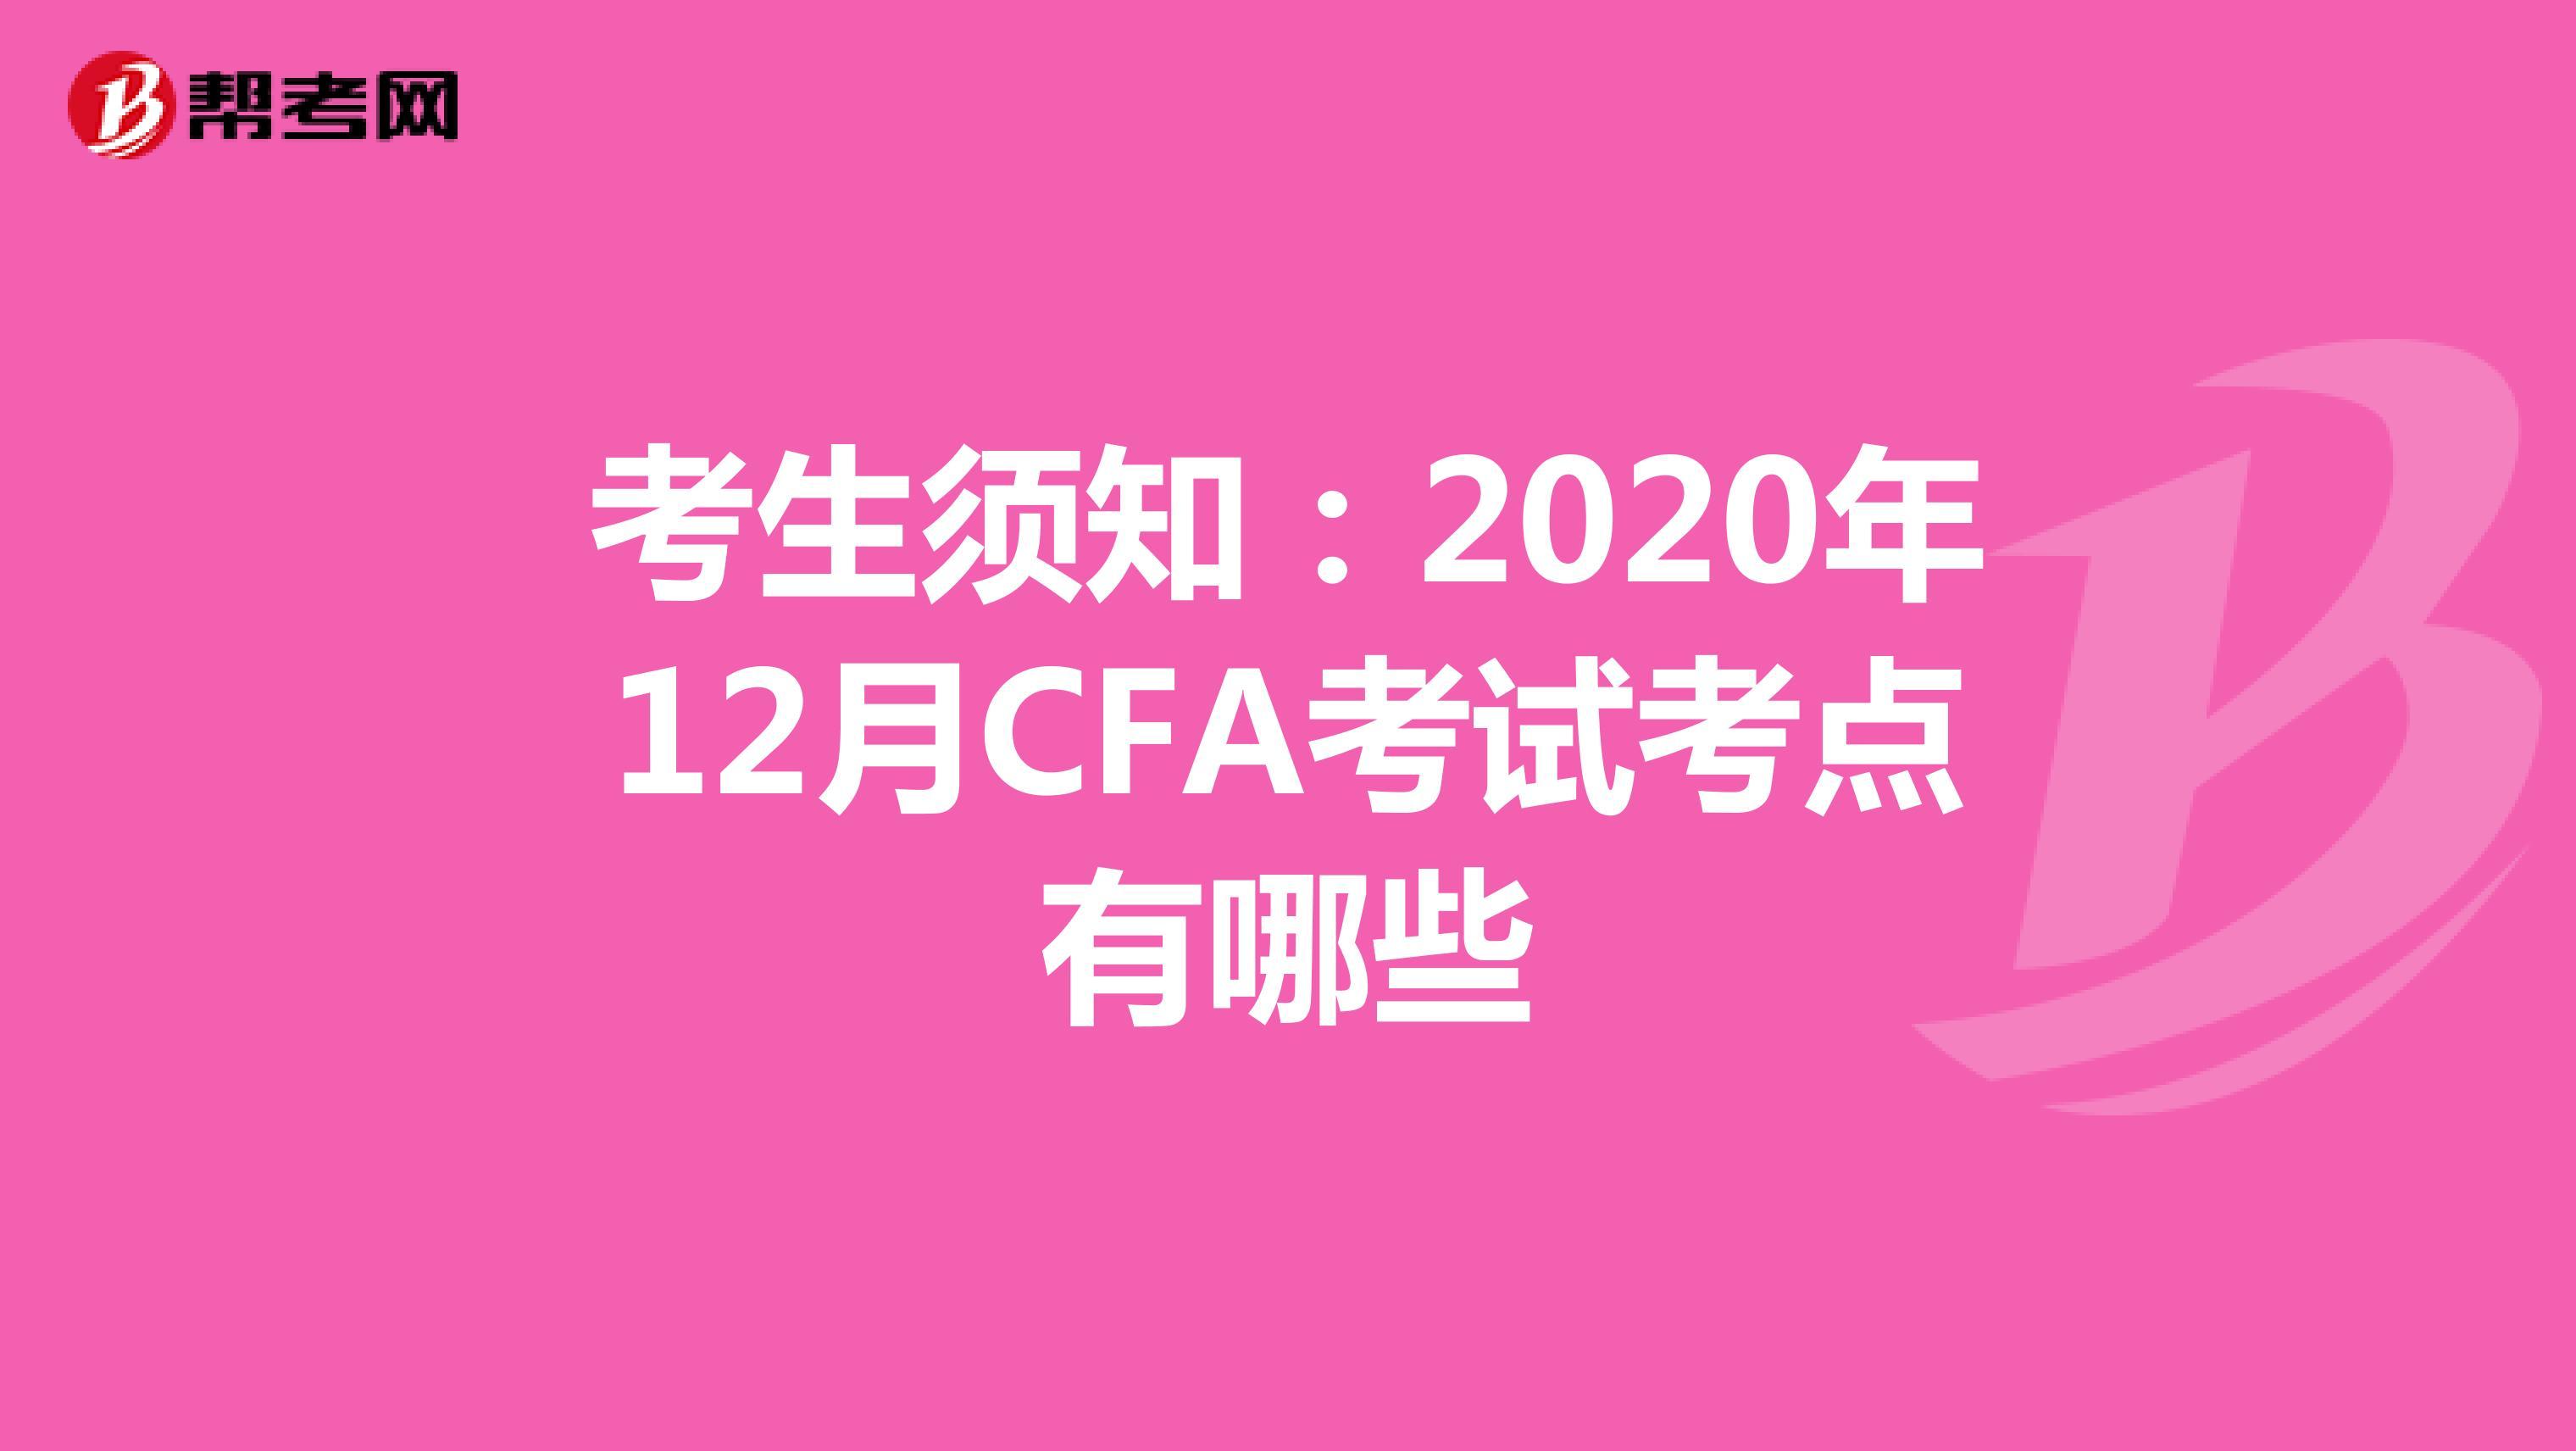 考生须知:2020年12月CFA考试考点有哪些